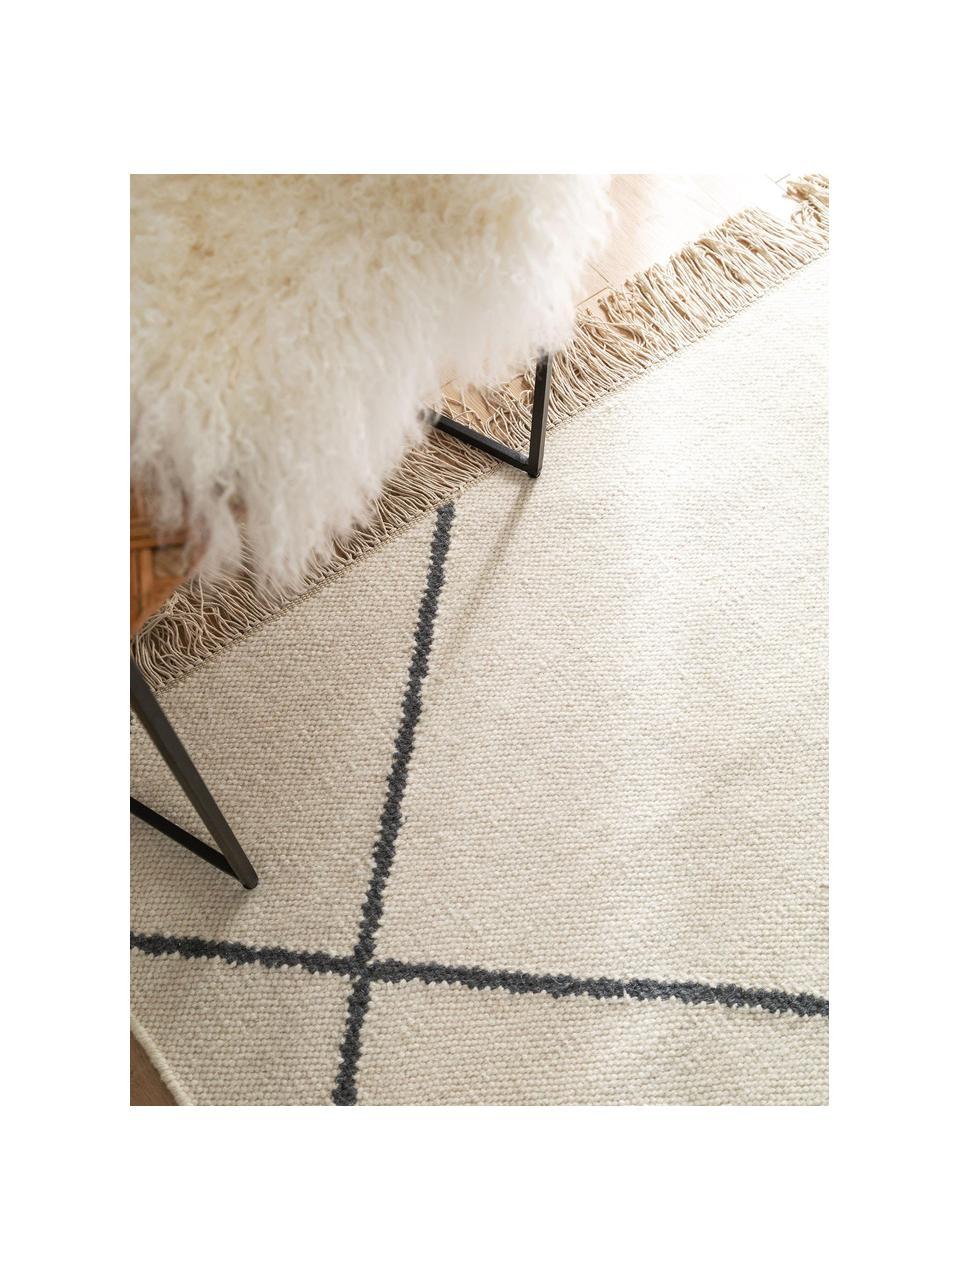 Handgewebter Kelim-Teppich Vince mit Zick-Zack-Muster und Fransen, 90% Wolle, 10% Baumwolle  Bei Wollteppichen können sich in den ersten Wochen der Nutzung Fasern lösen, dies reduziert sich durch den täglichen Gebrauch und die Flusenbildung geht zurück., Elfenbein, Dunkelgrau, B 200 x L 300 cm (Größe L)